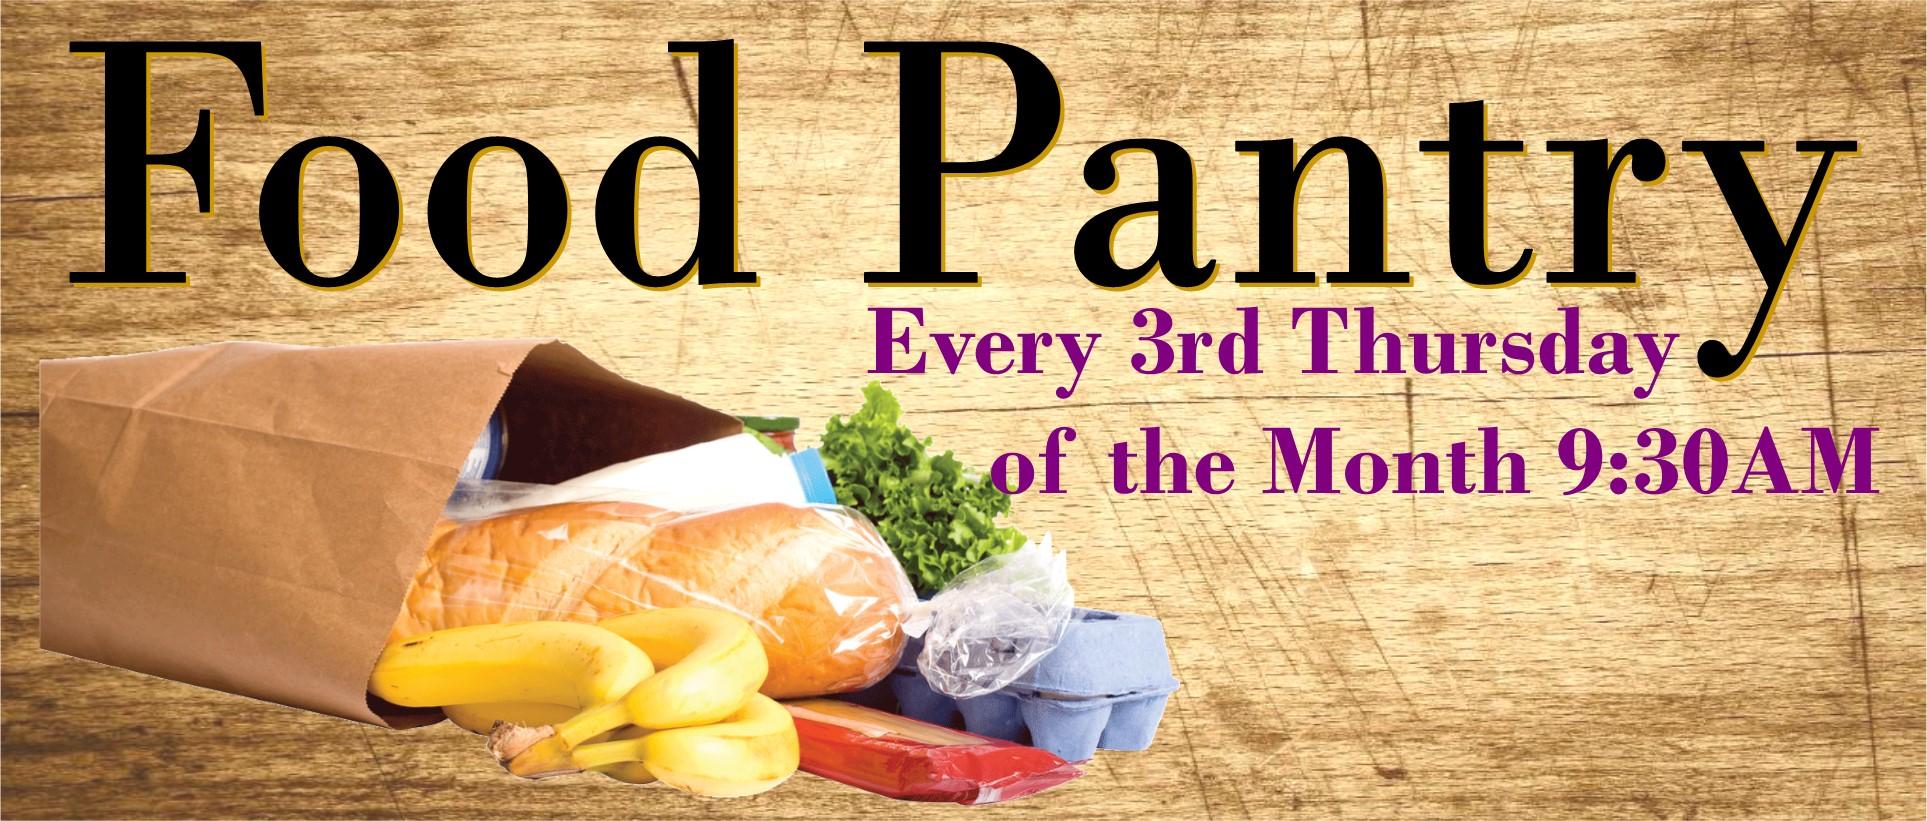 Media Food Pantry